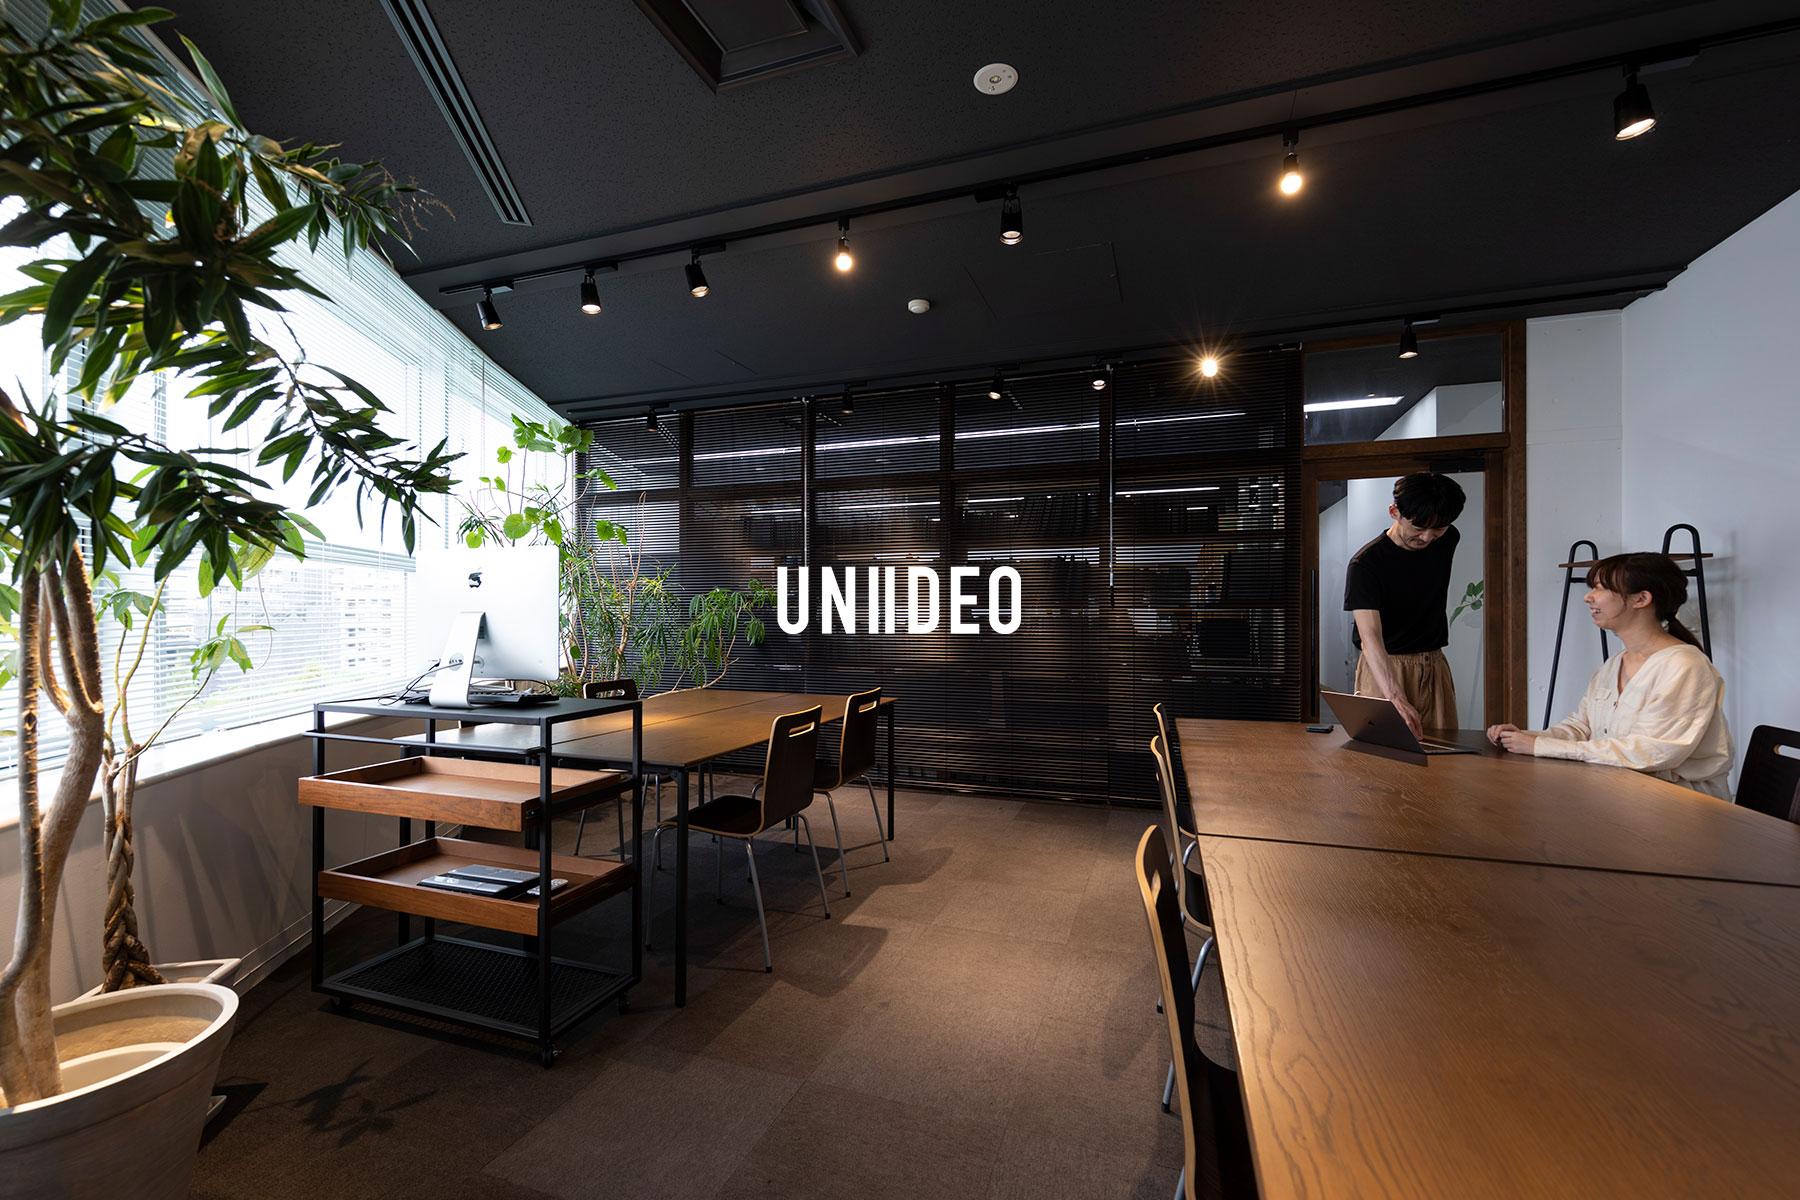 UNIIDEO株式会社のトップ画像